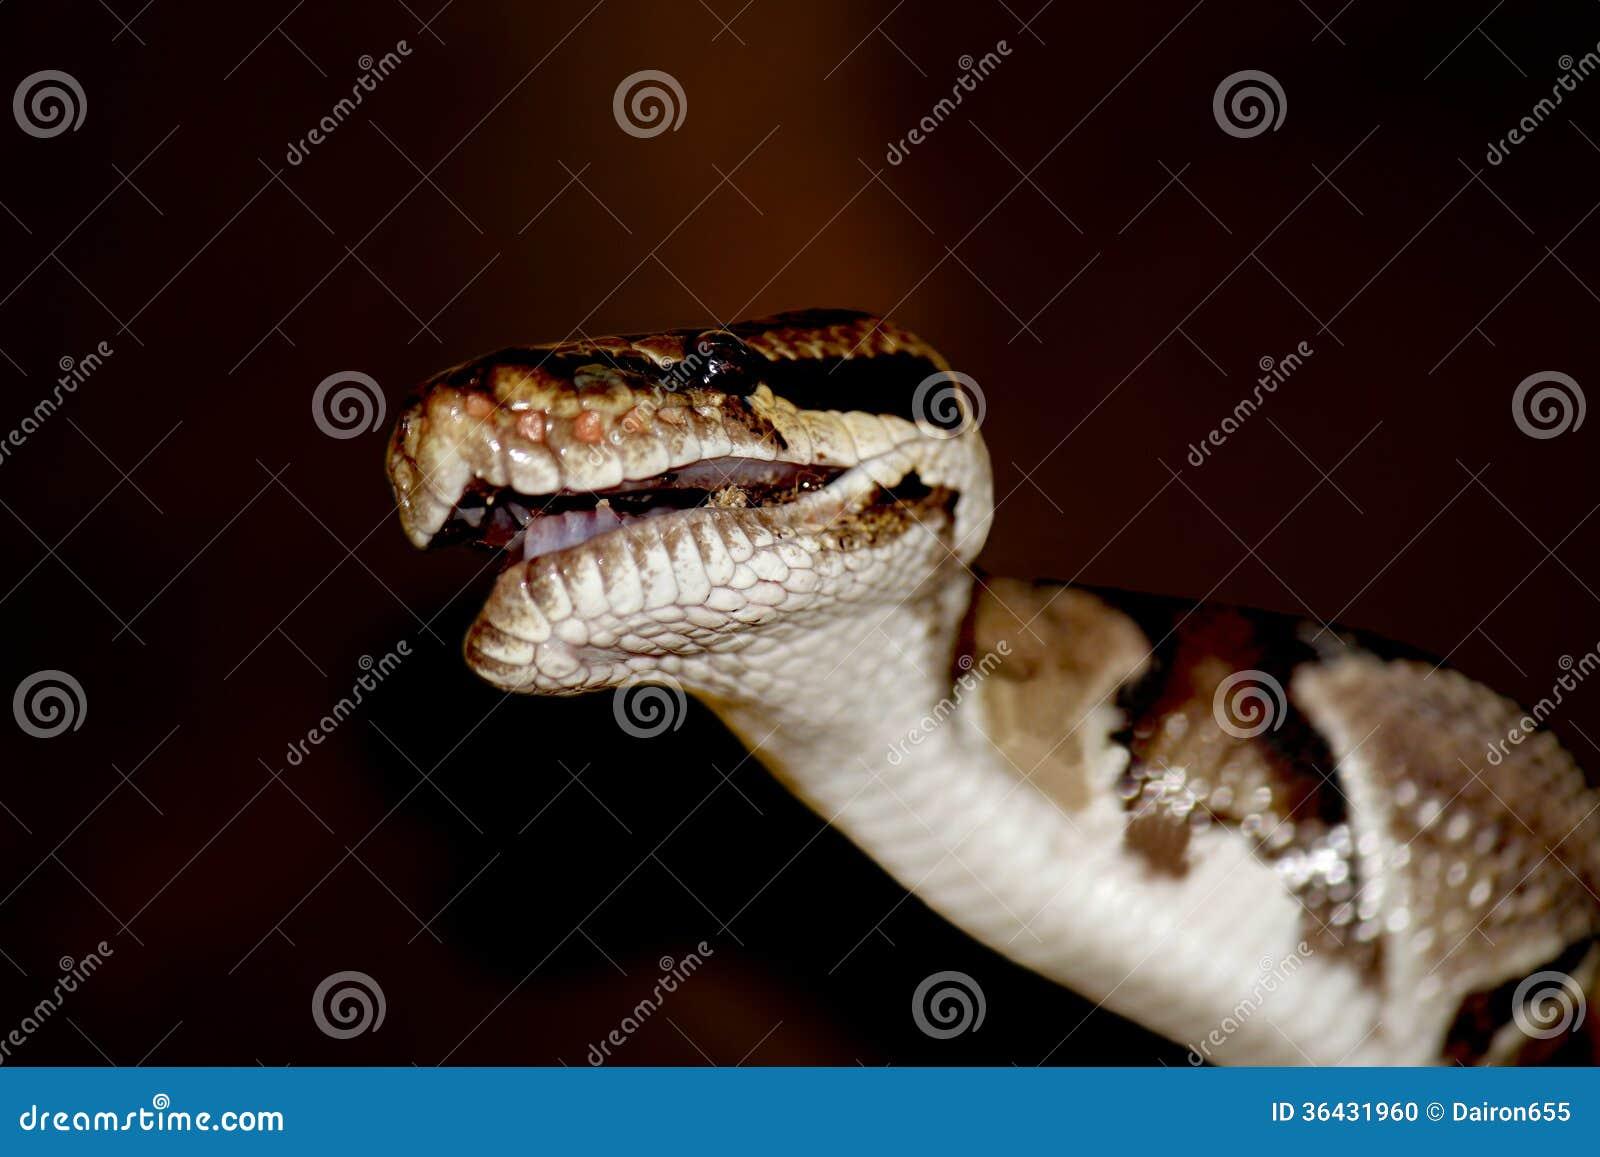 python programmiersprache download